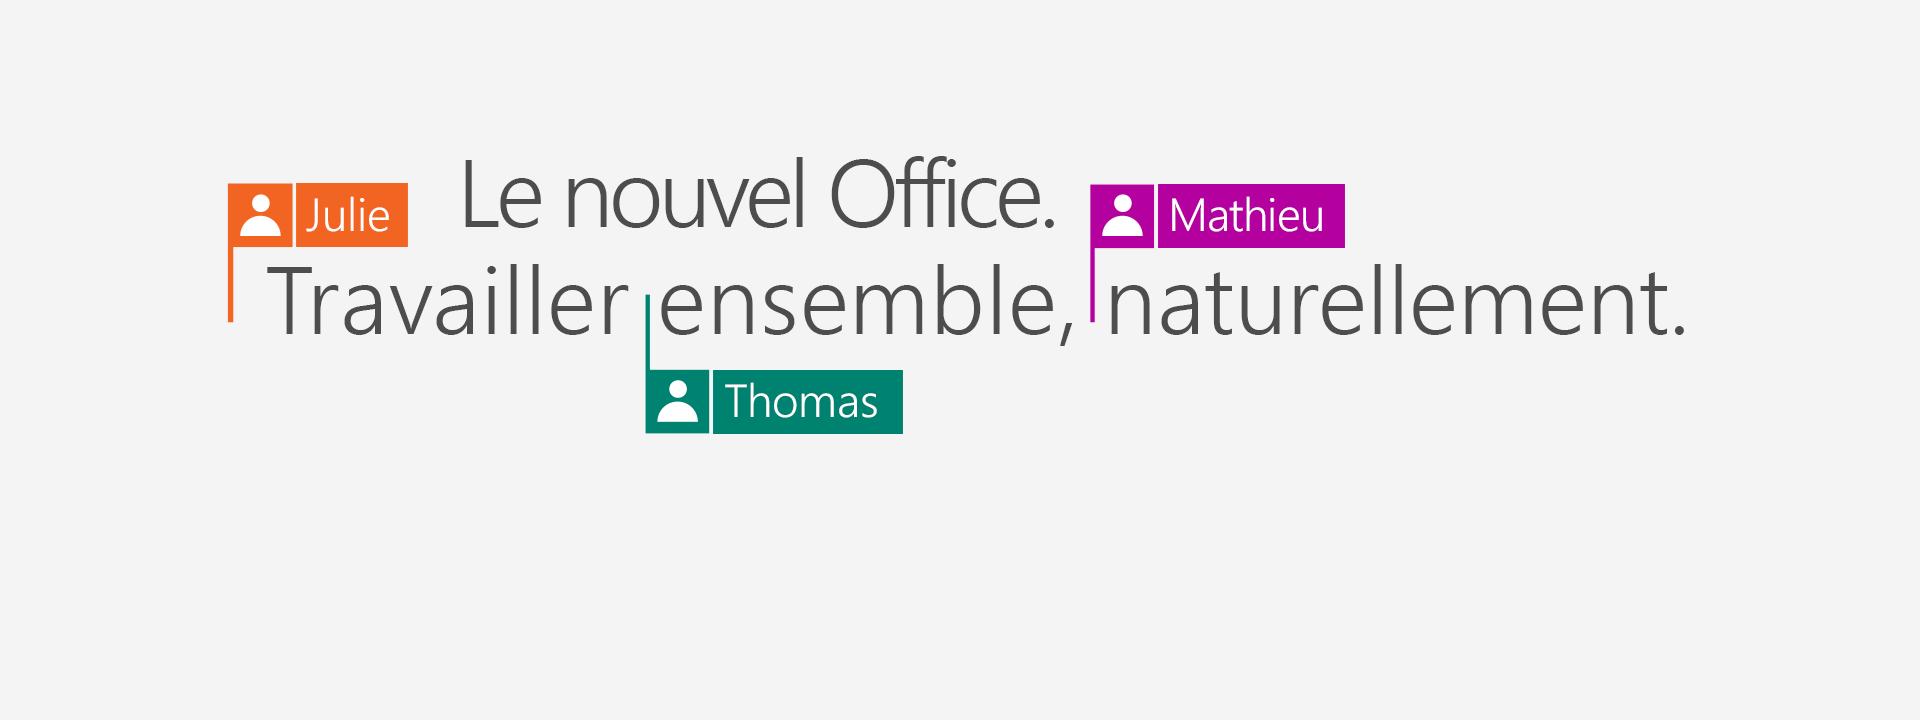 Procurez-vous Office365 pour obtenir les nouvelles applications2016.